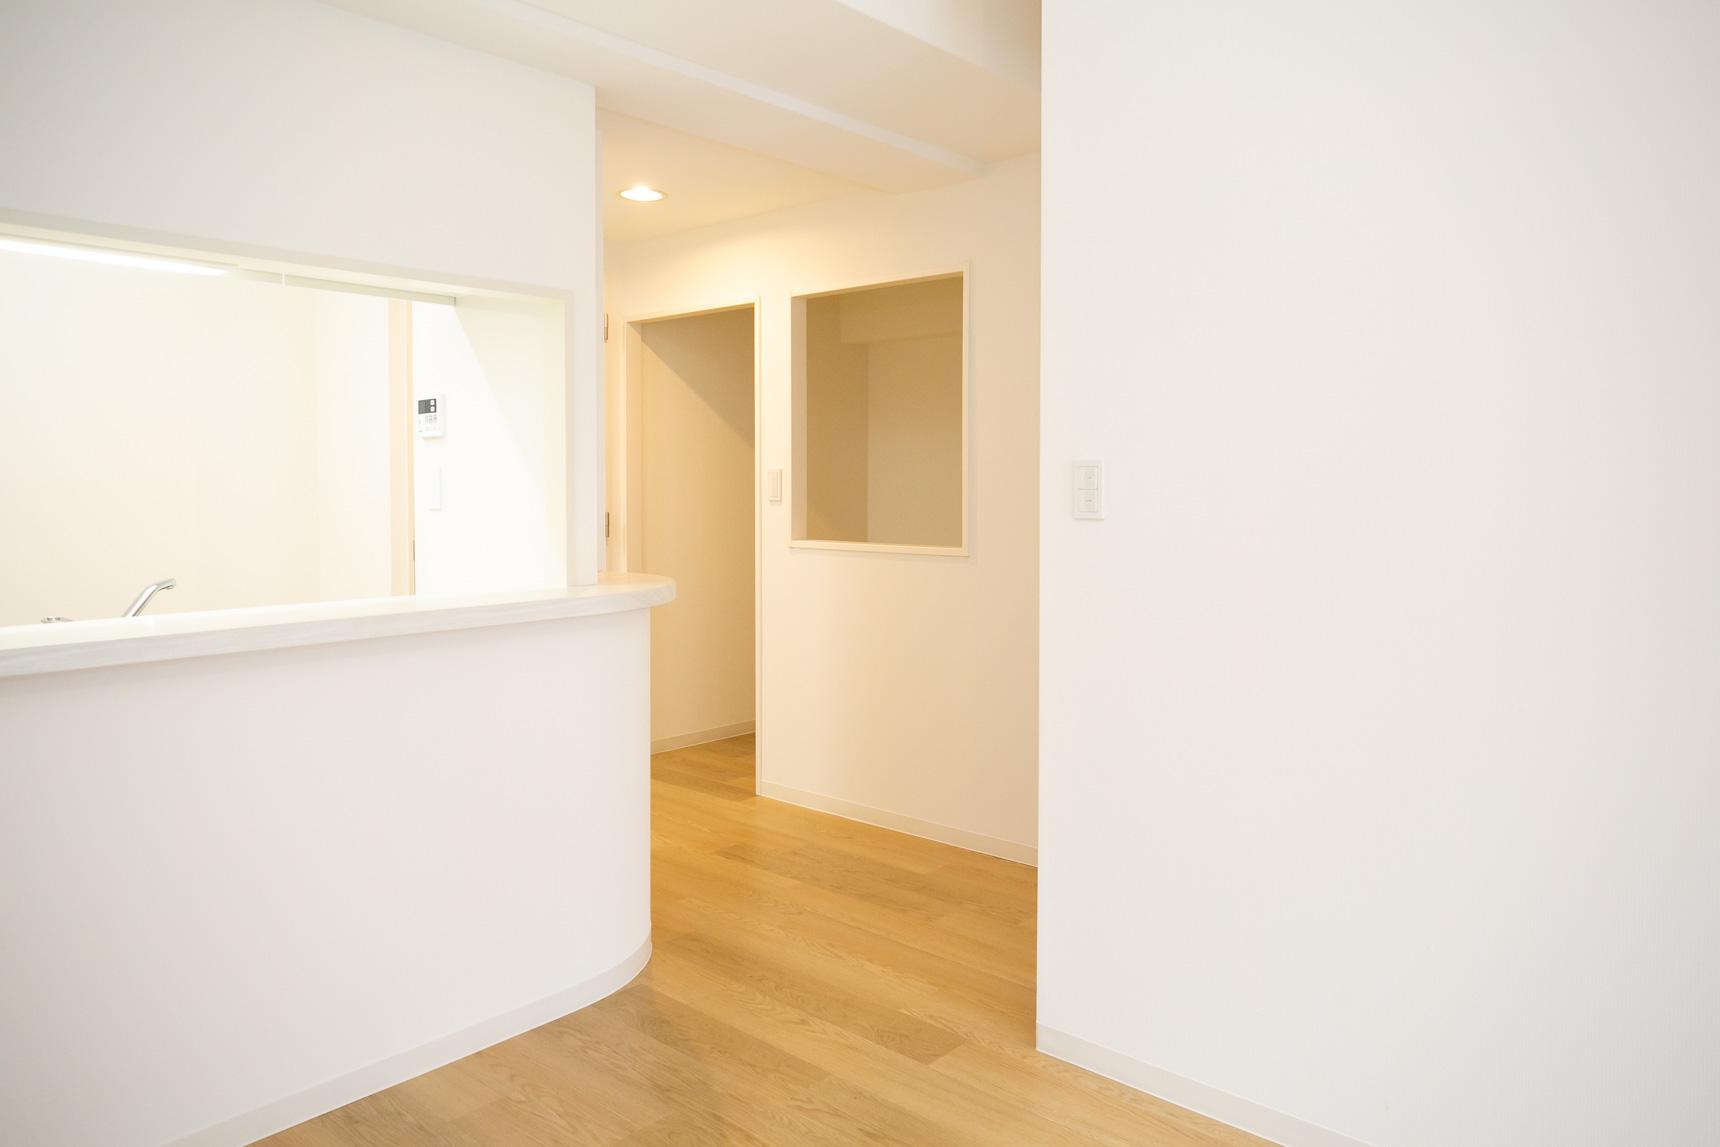 さらに、キッチンの真横にあたる部分に、なにかと便利そうな「ユーティリティー」スペースがあるんです。